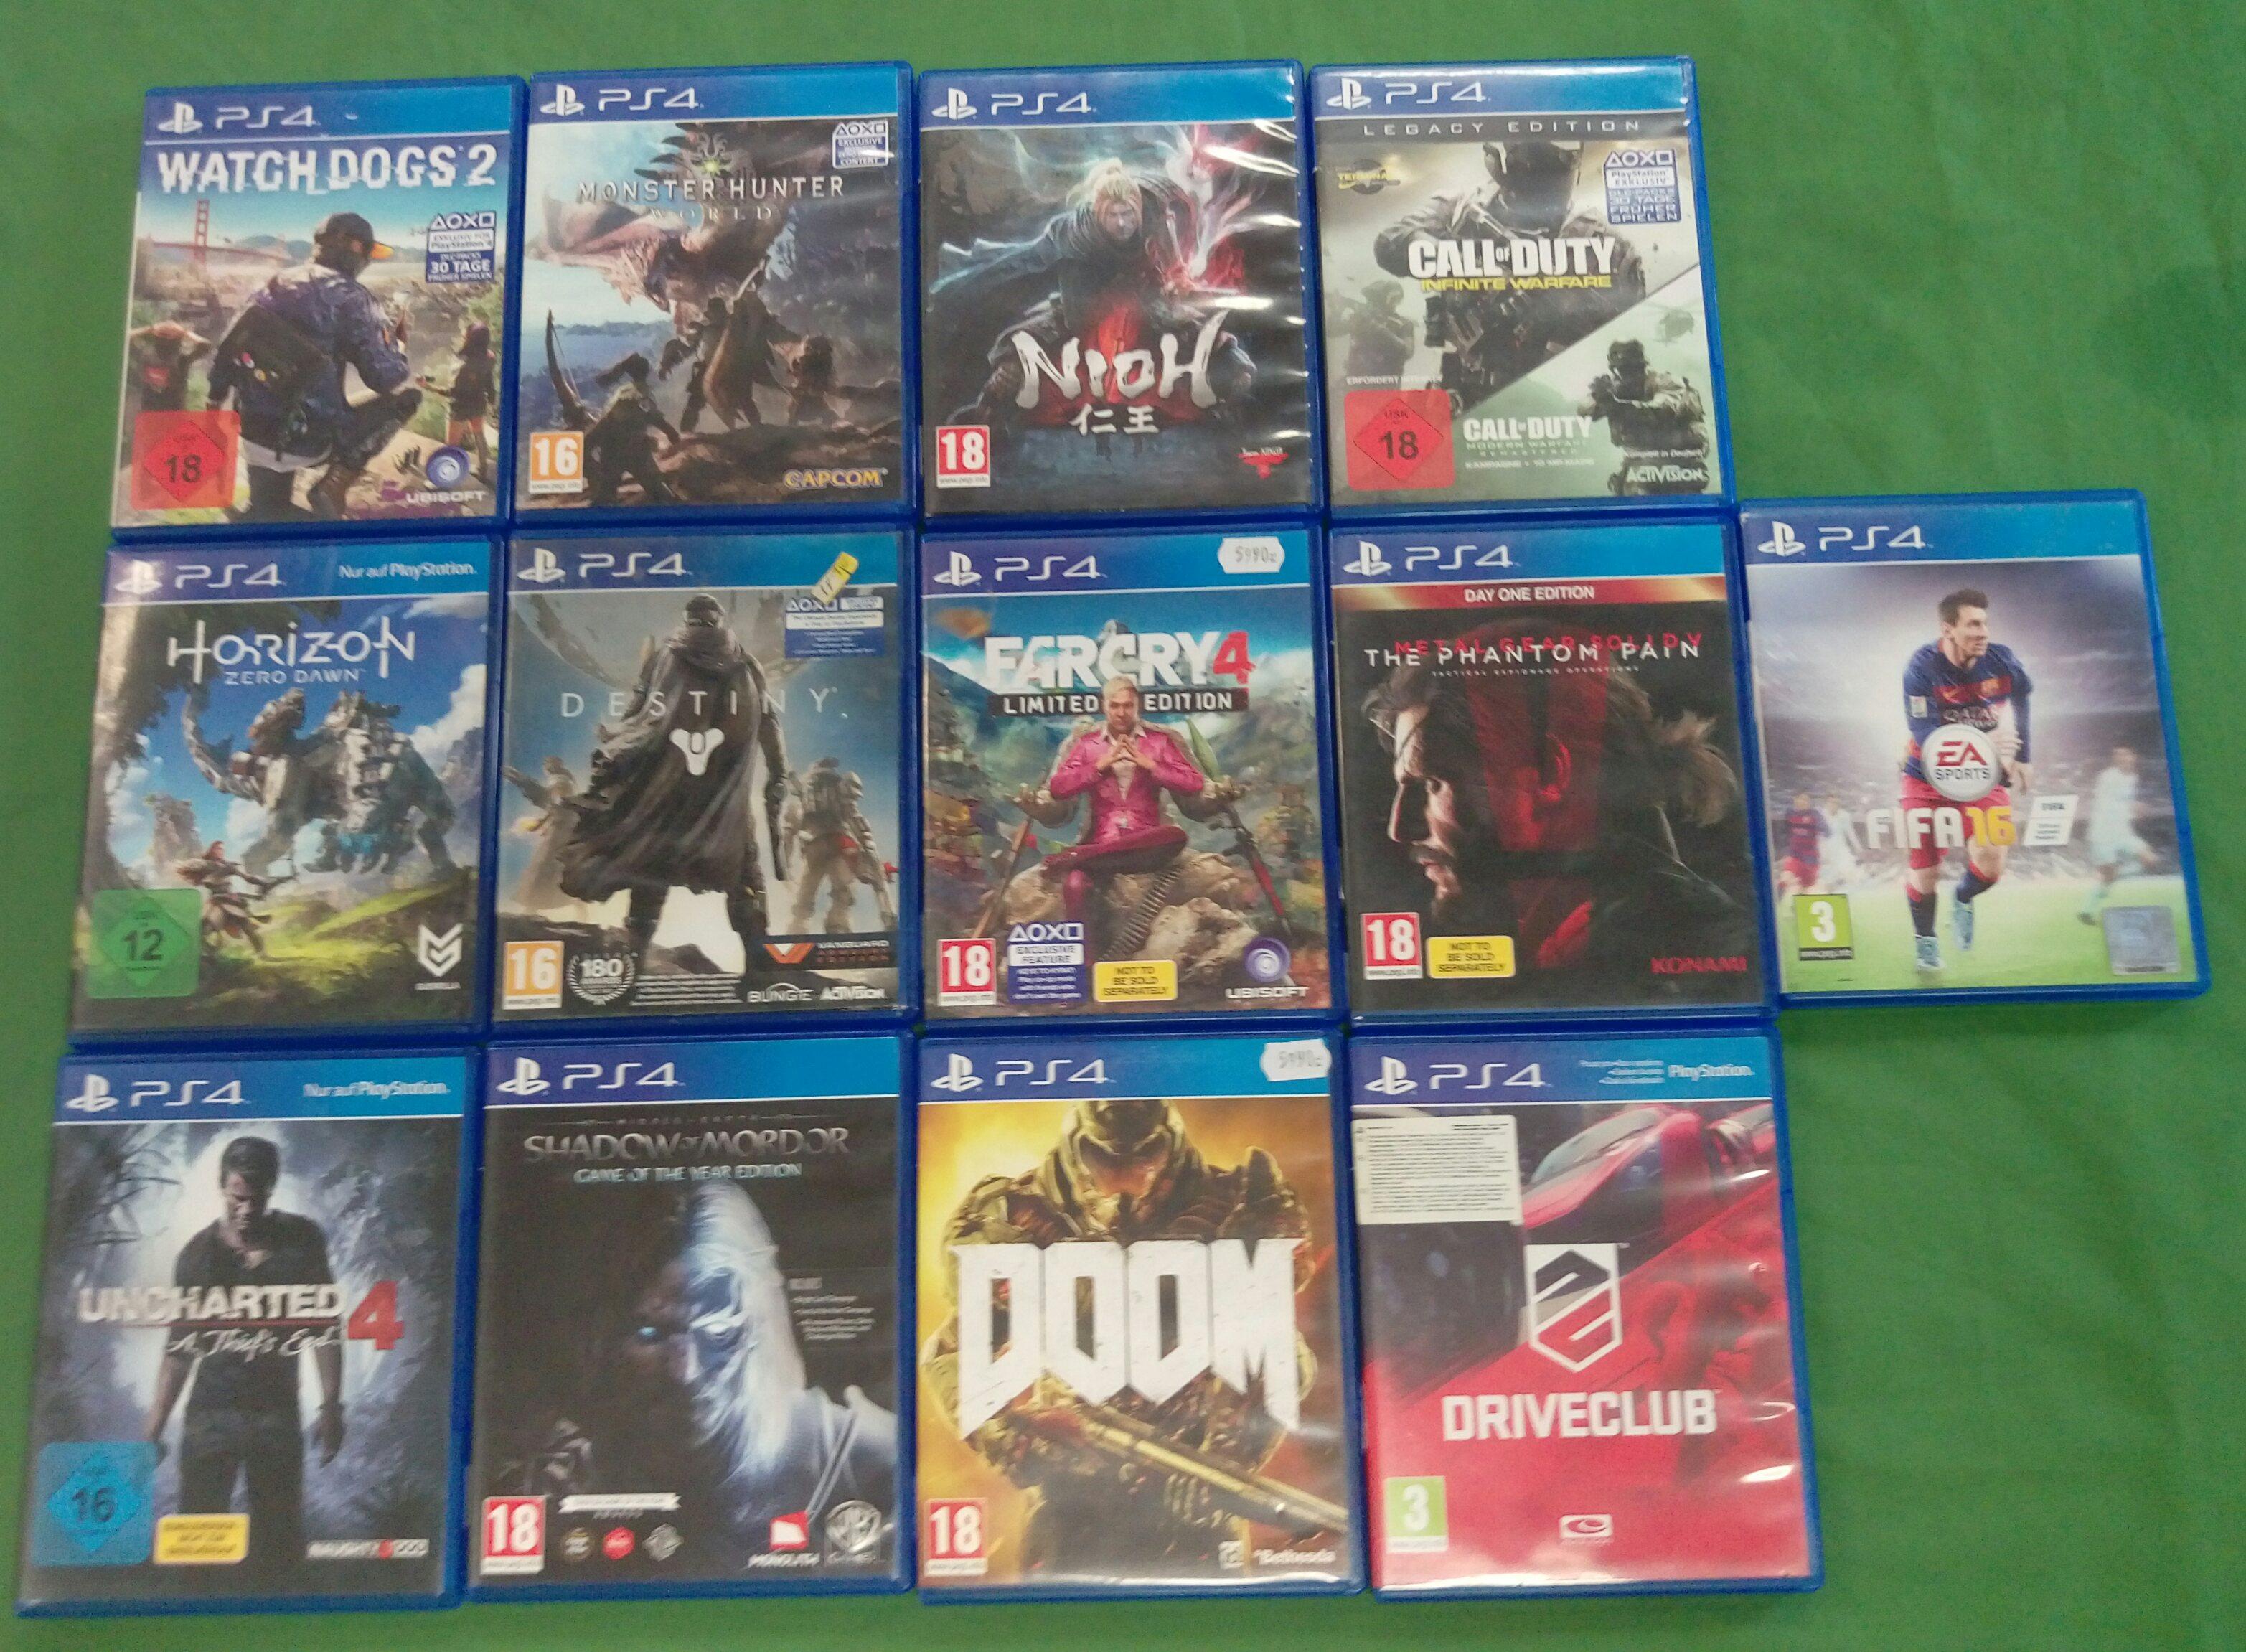 PS4 játékok adás-vétel, kiemelt kép